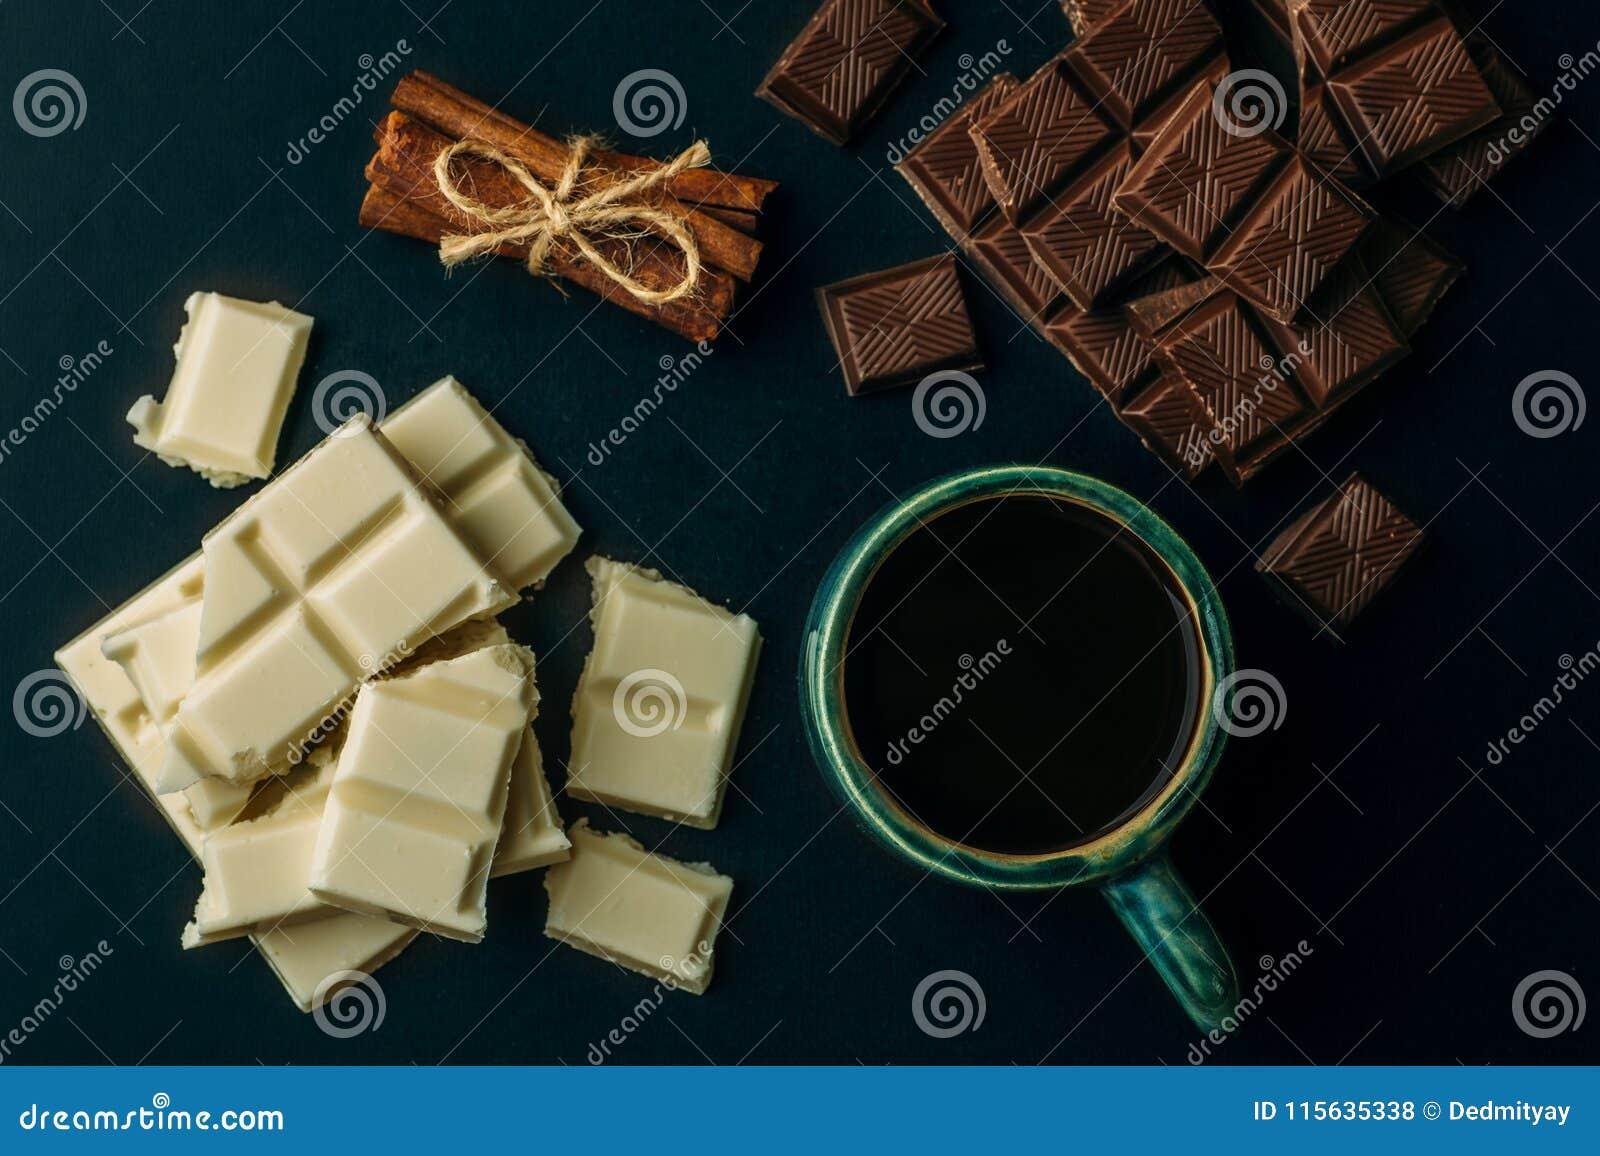 Xícara de café, barras de chocolate quebradas e pilha brancas e pretas de canela na tabela preta, vista superior